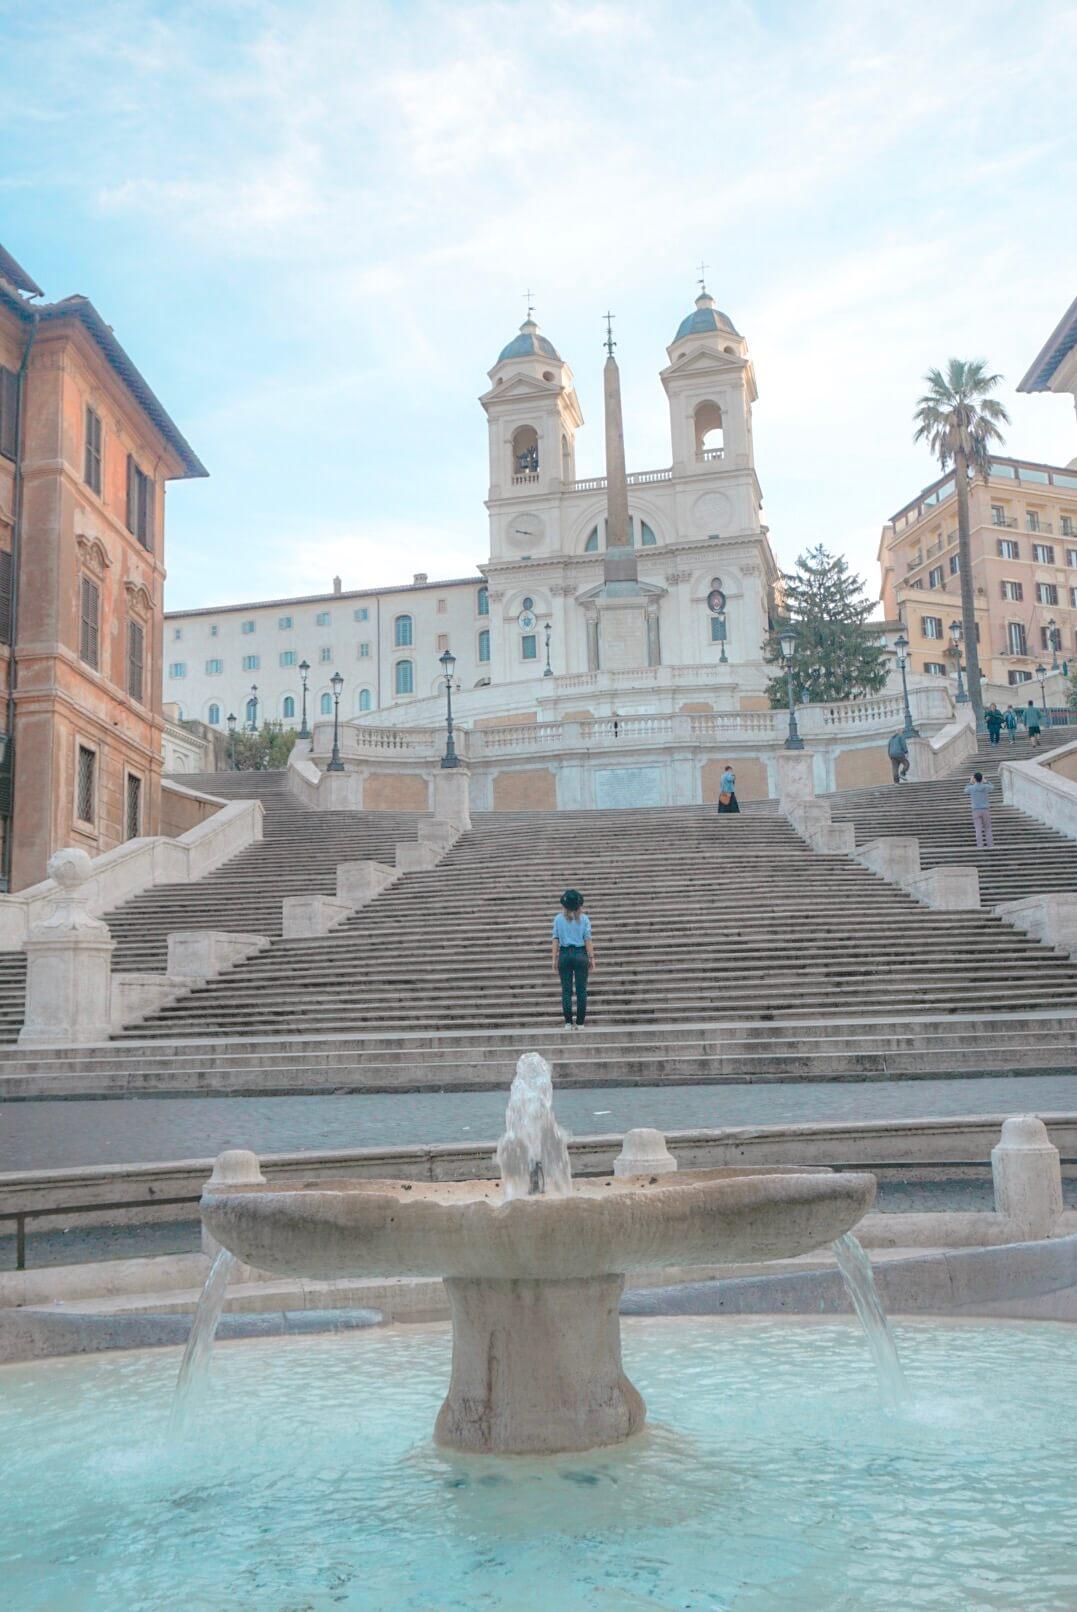 visiter la place d'espagne rome